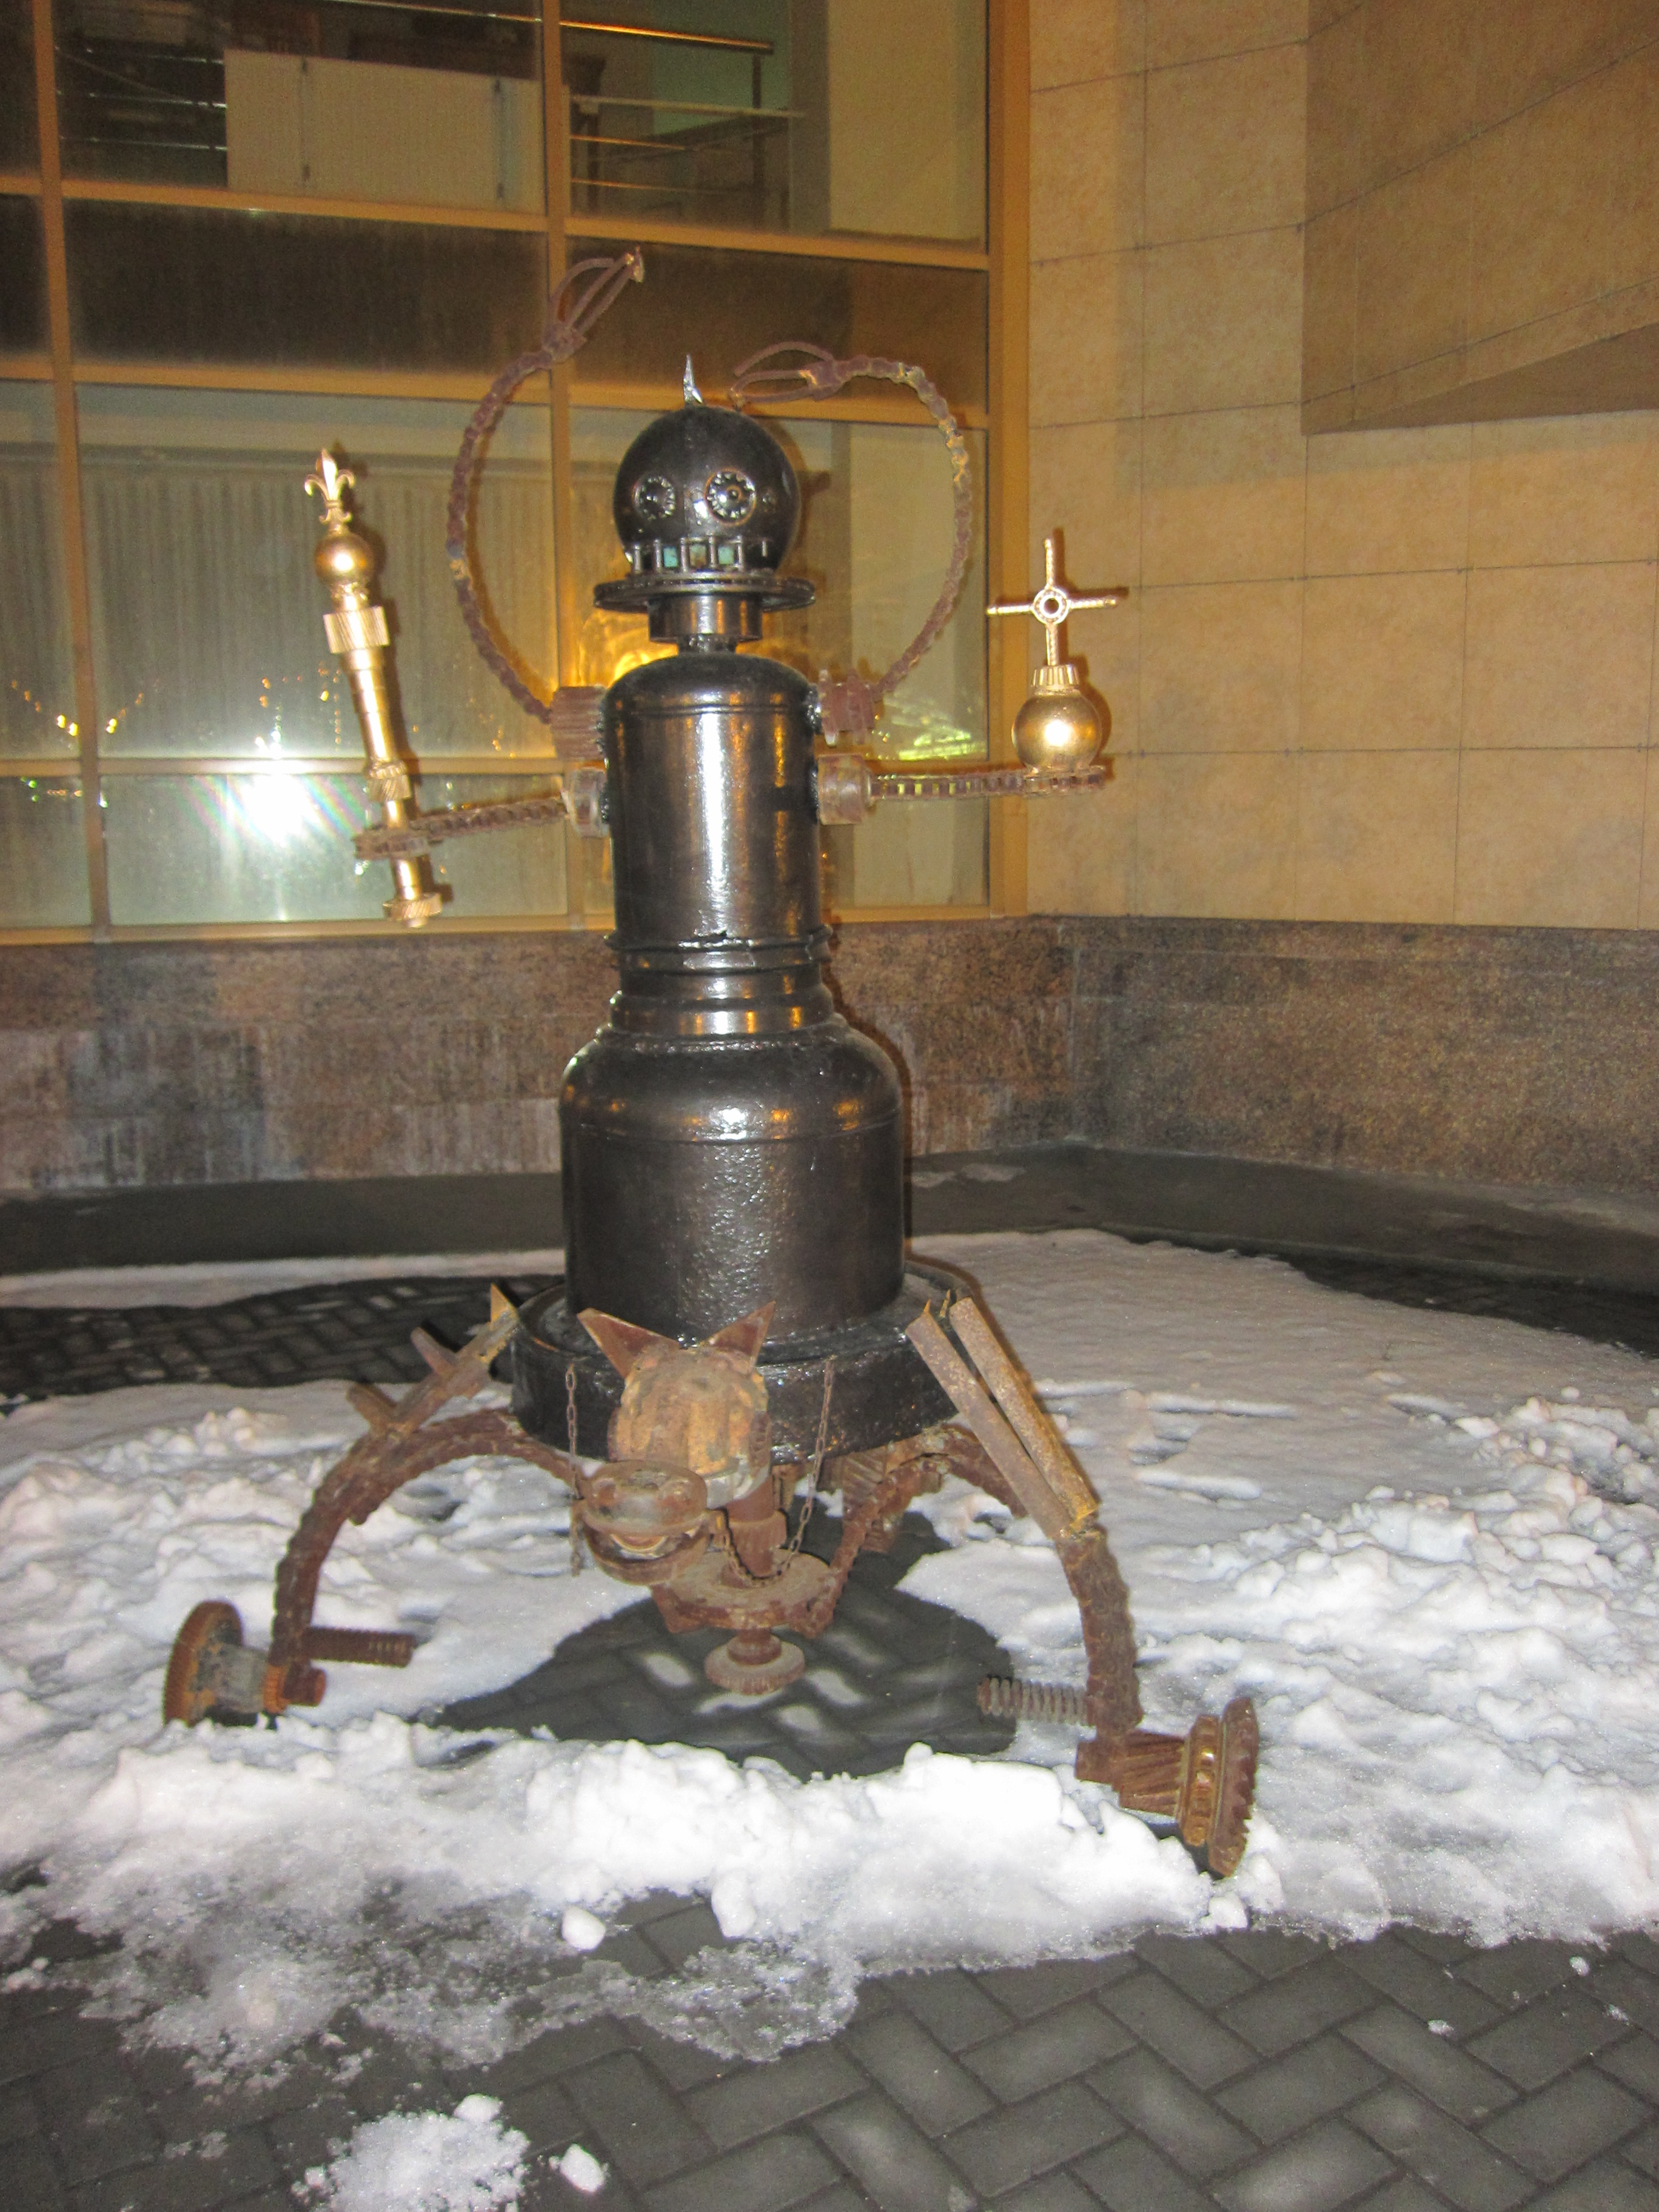 ″скульптура″, давшая название выставке - ″Мания величия″. Больше напоминает похмельный бред опустившегося механизатора (28.10.2015)